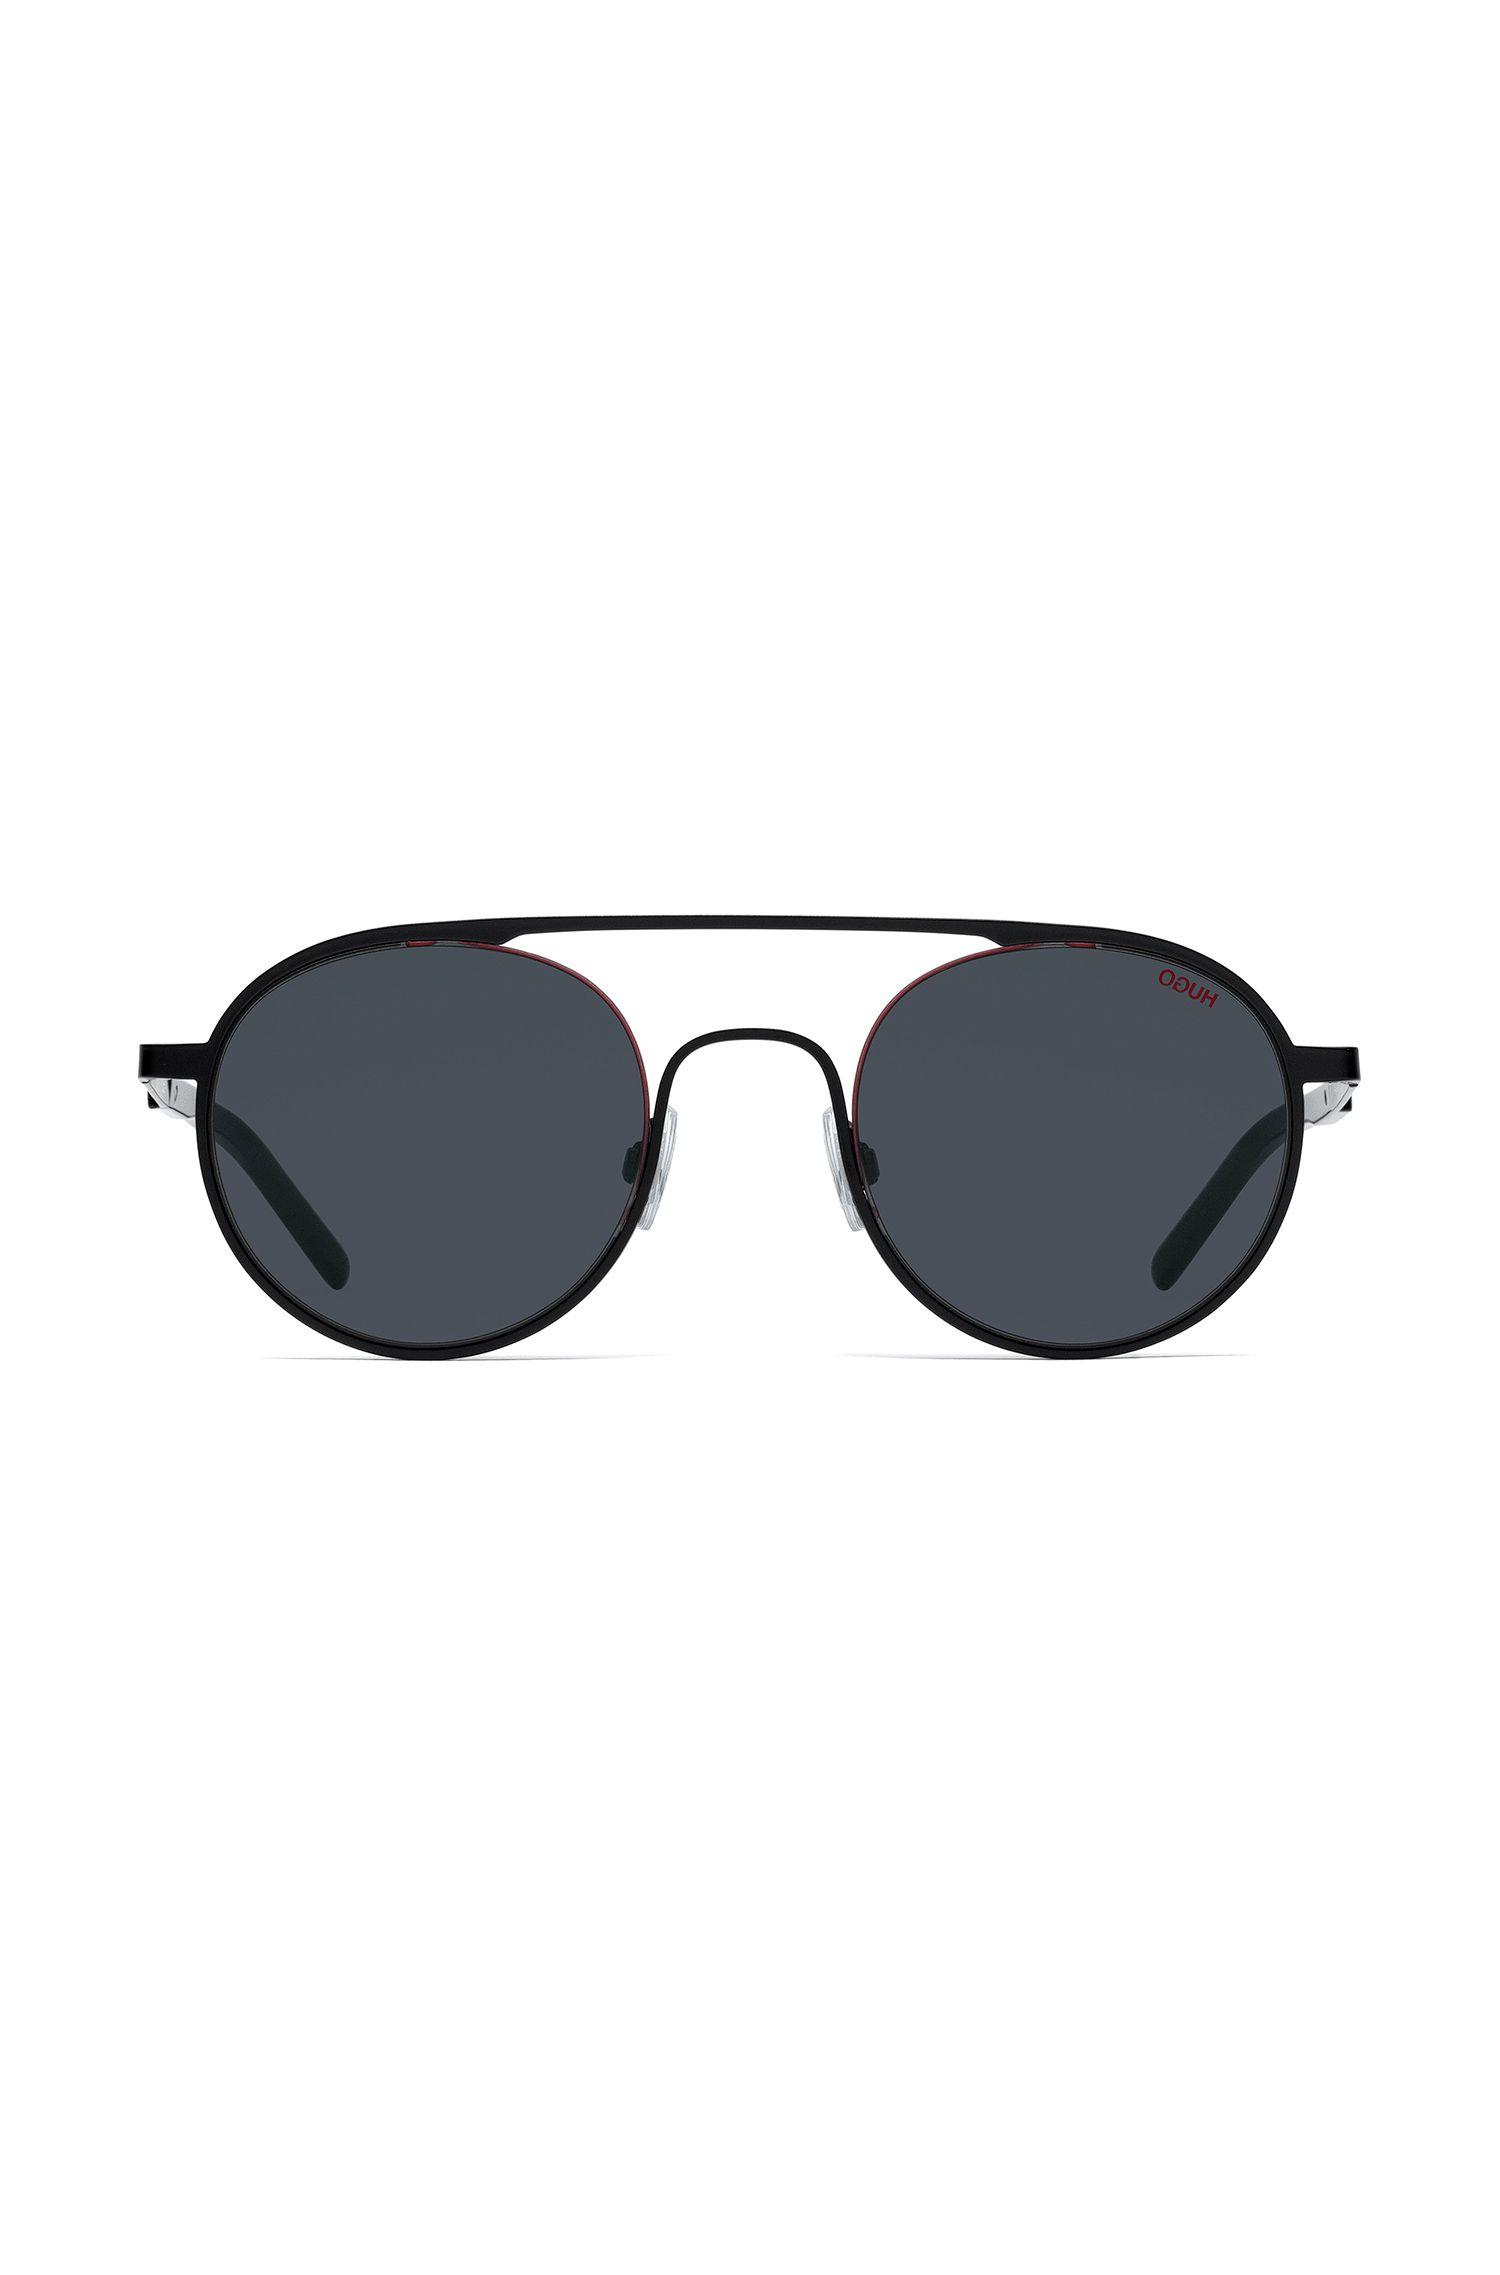 Occhiali da sole rotondi unisex con montatura in metallo nera, Nero